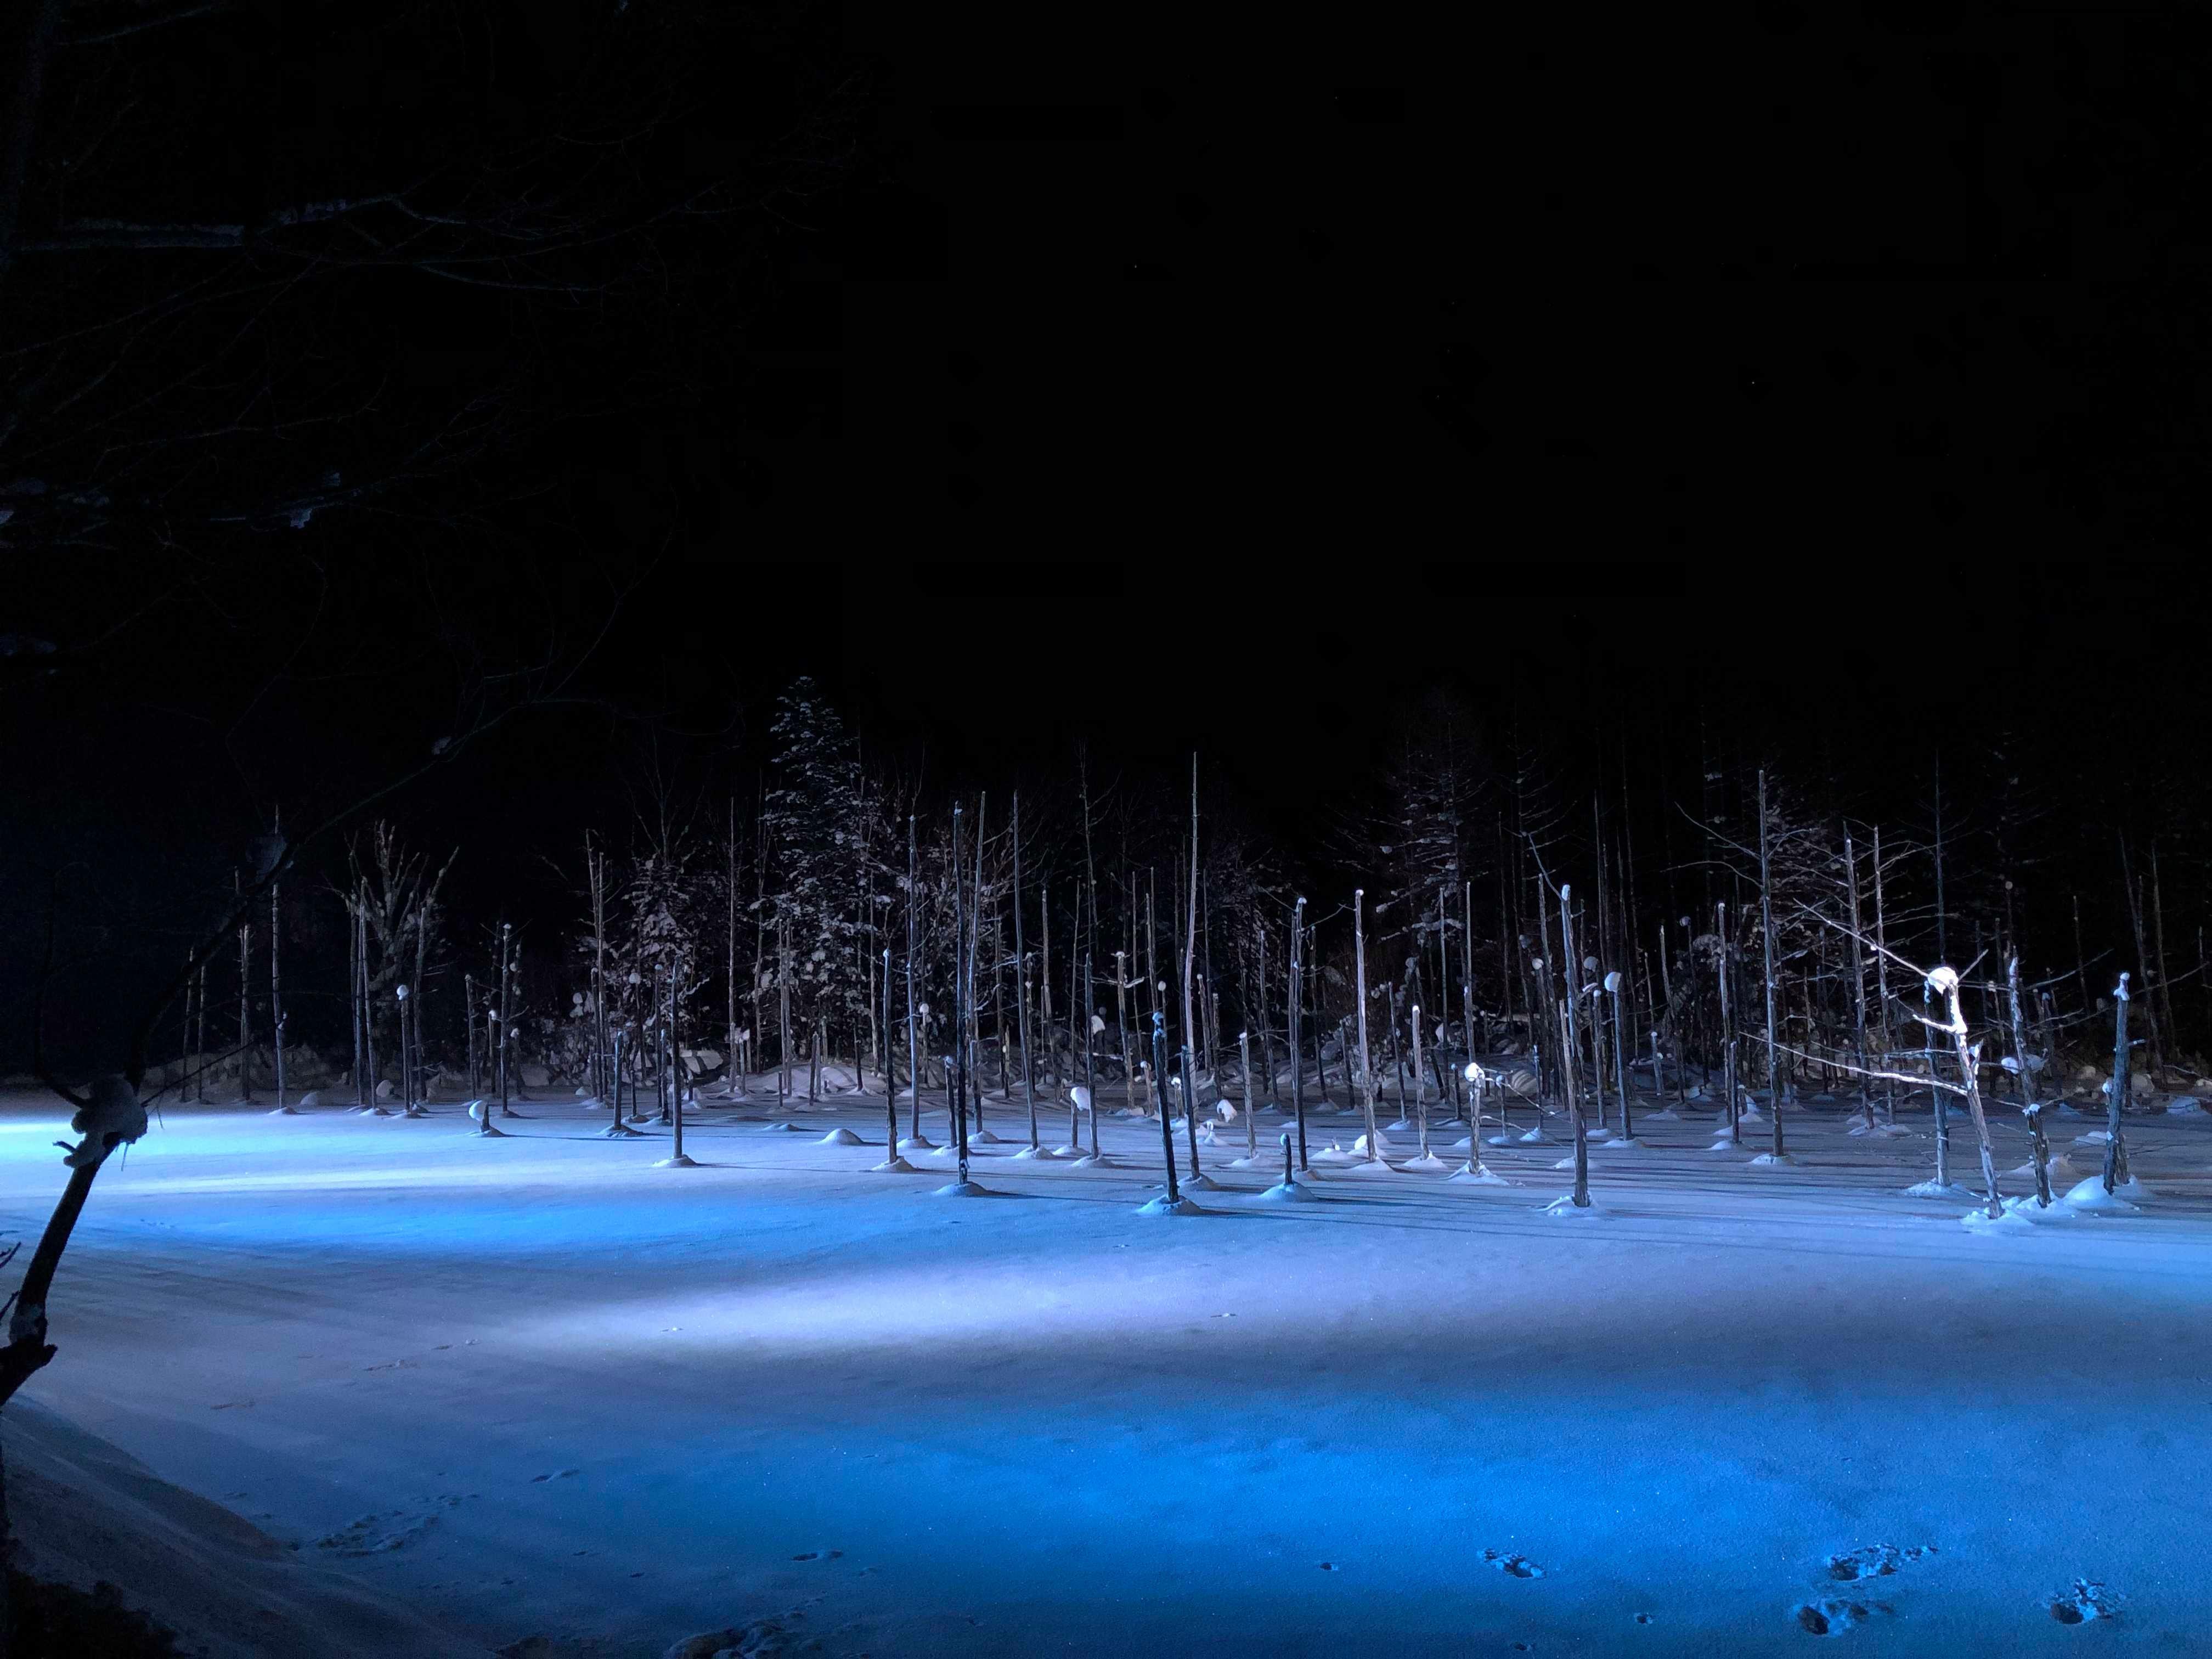 青池結凍了!冬季北海道美瑛青池夜間點燈